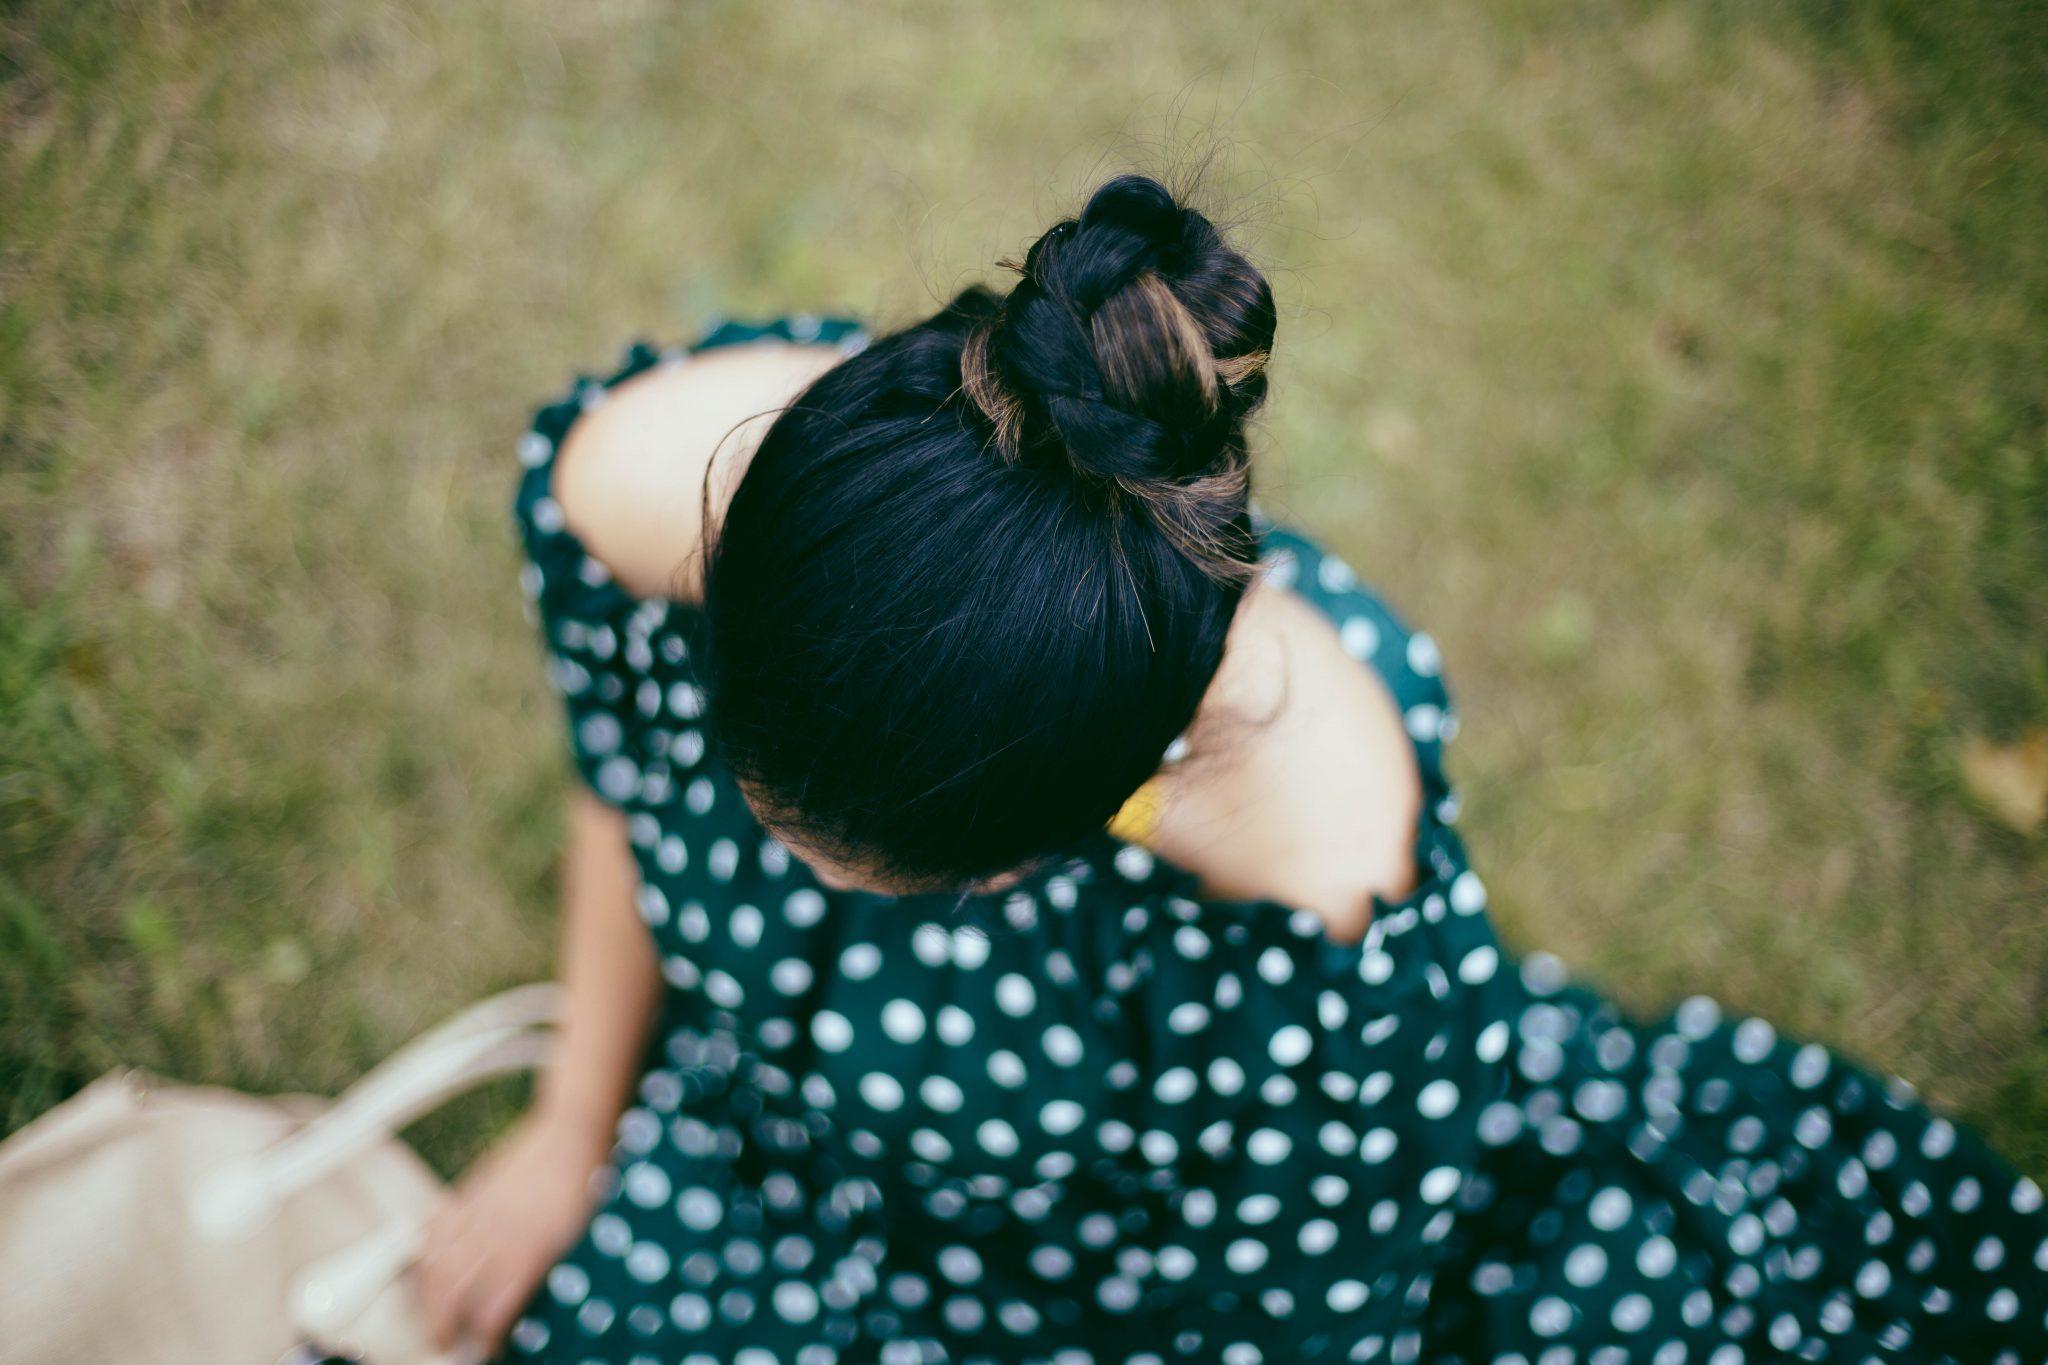 lifestyle-blogger-surekha-of-dreaming-loud-wearing-braided-bun